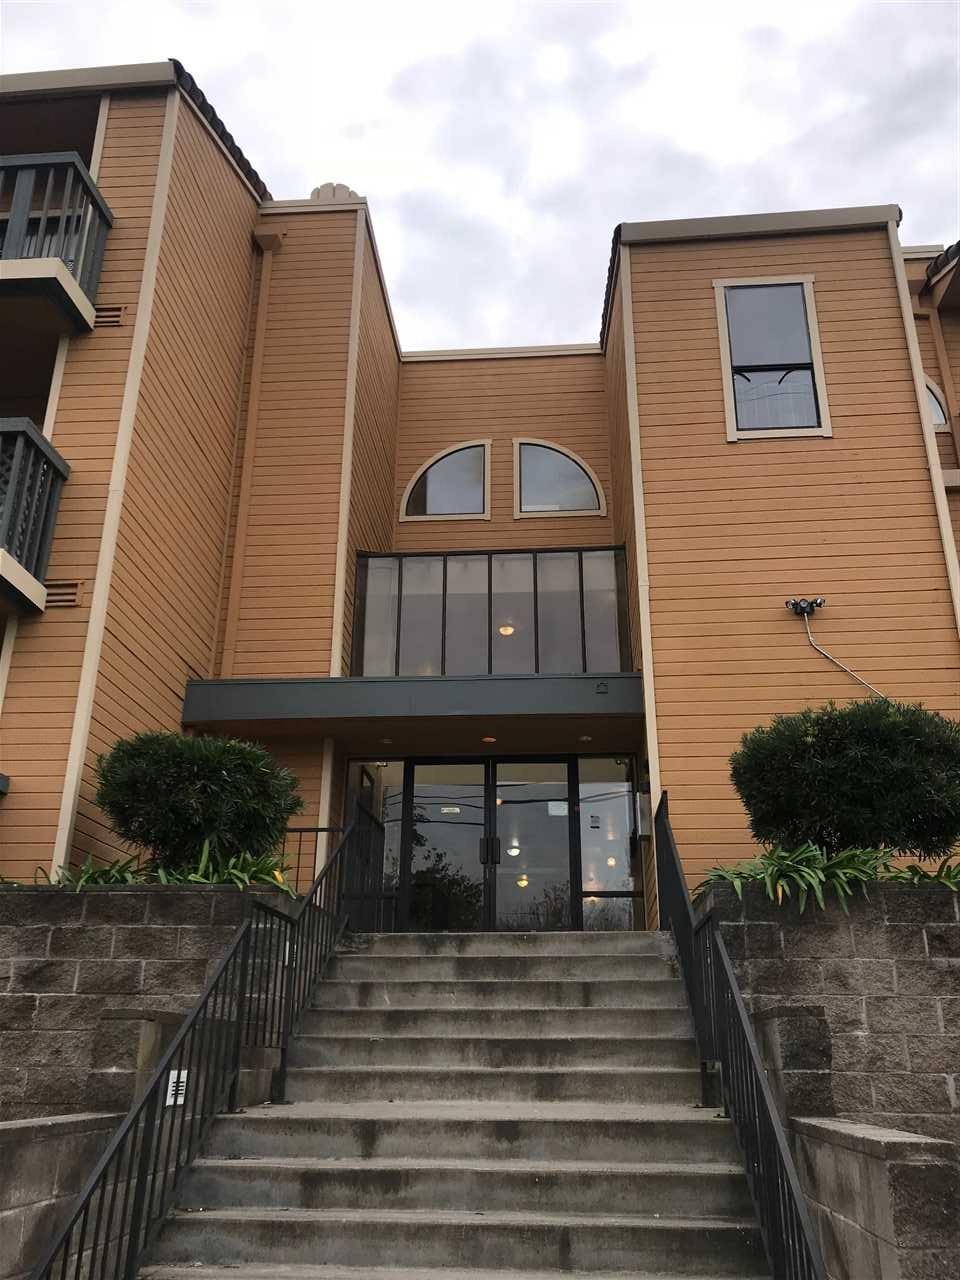 شقة بعمارة للـ Sale في 13700 San Pablo Avenue 13700 San Pablo Avenue San Pablo, California 94806 United States